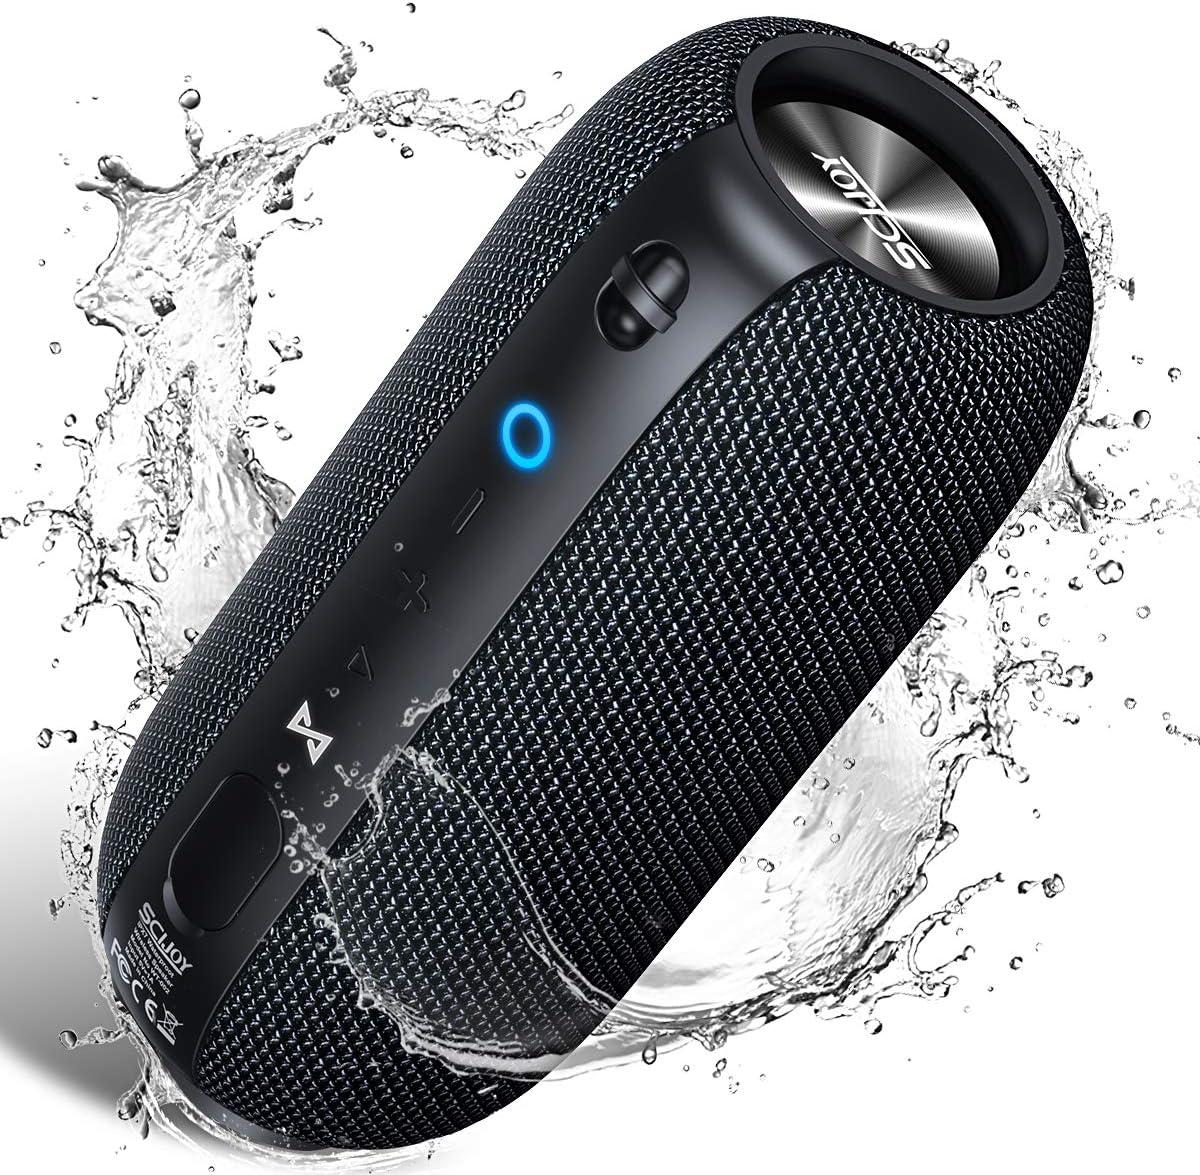 Bluetooth Lautsprecher IPX7 Wasserdicht, SCIJOY 20W Wireless Lautsprecher, Tragbarer 360° Stereo Lautsprecher Sound, Satter Bass, 12 Std.-Spielzeit, für Heim/Outdoor, Dusche, Party, Urlaub 1